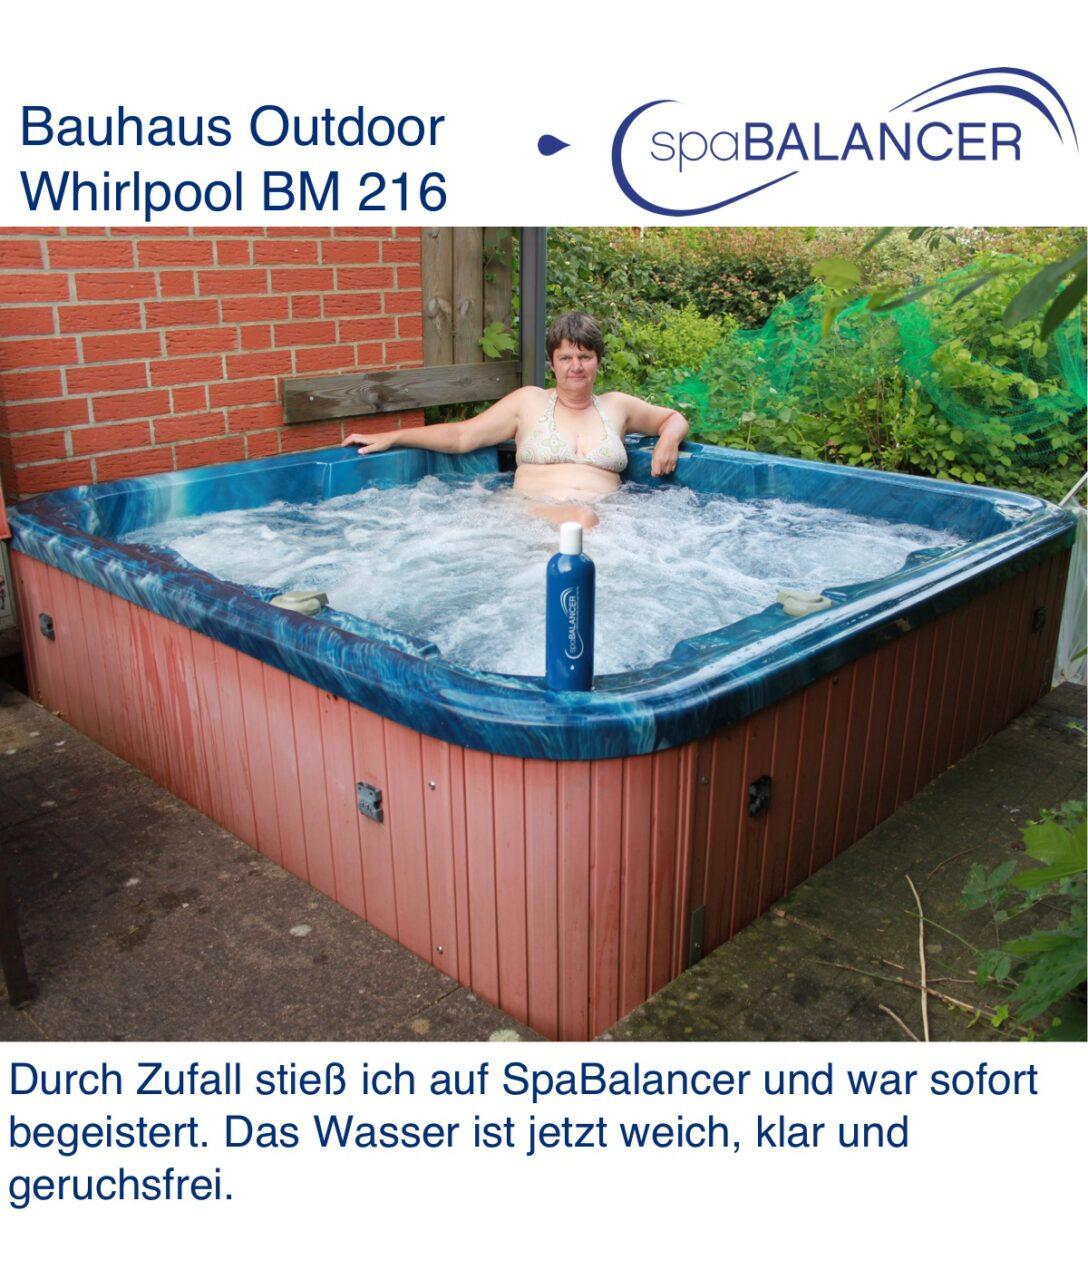 Large Size of Whirlpool Bauhaus Intex Angebot Outdoor Badewanne Mars Aufblasbar Garten Miami Erfahrung Bm 216 Von Spabalancer Fenster Wohnzimmer Whirlpool Bauhaus